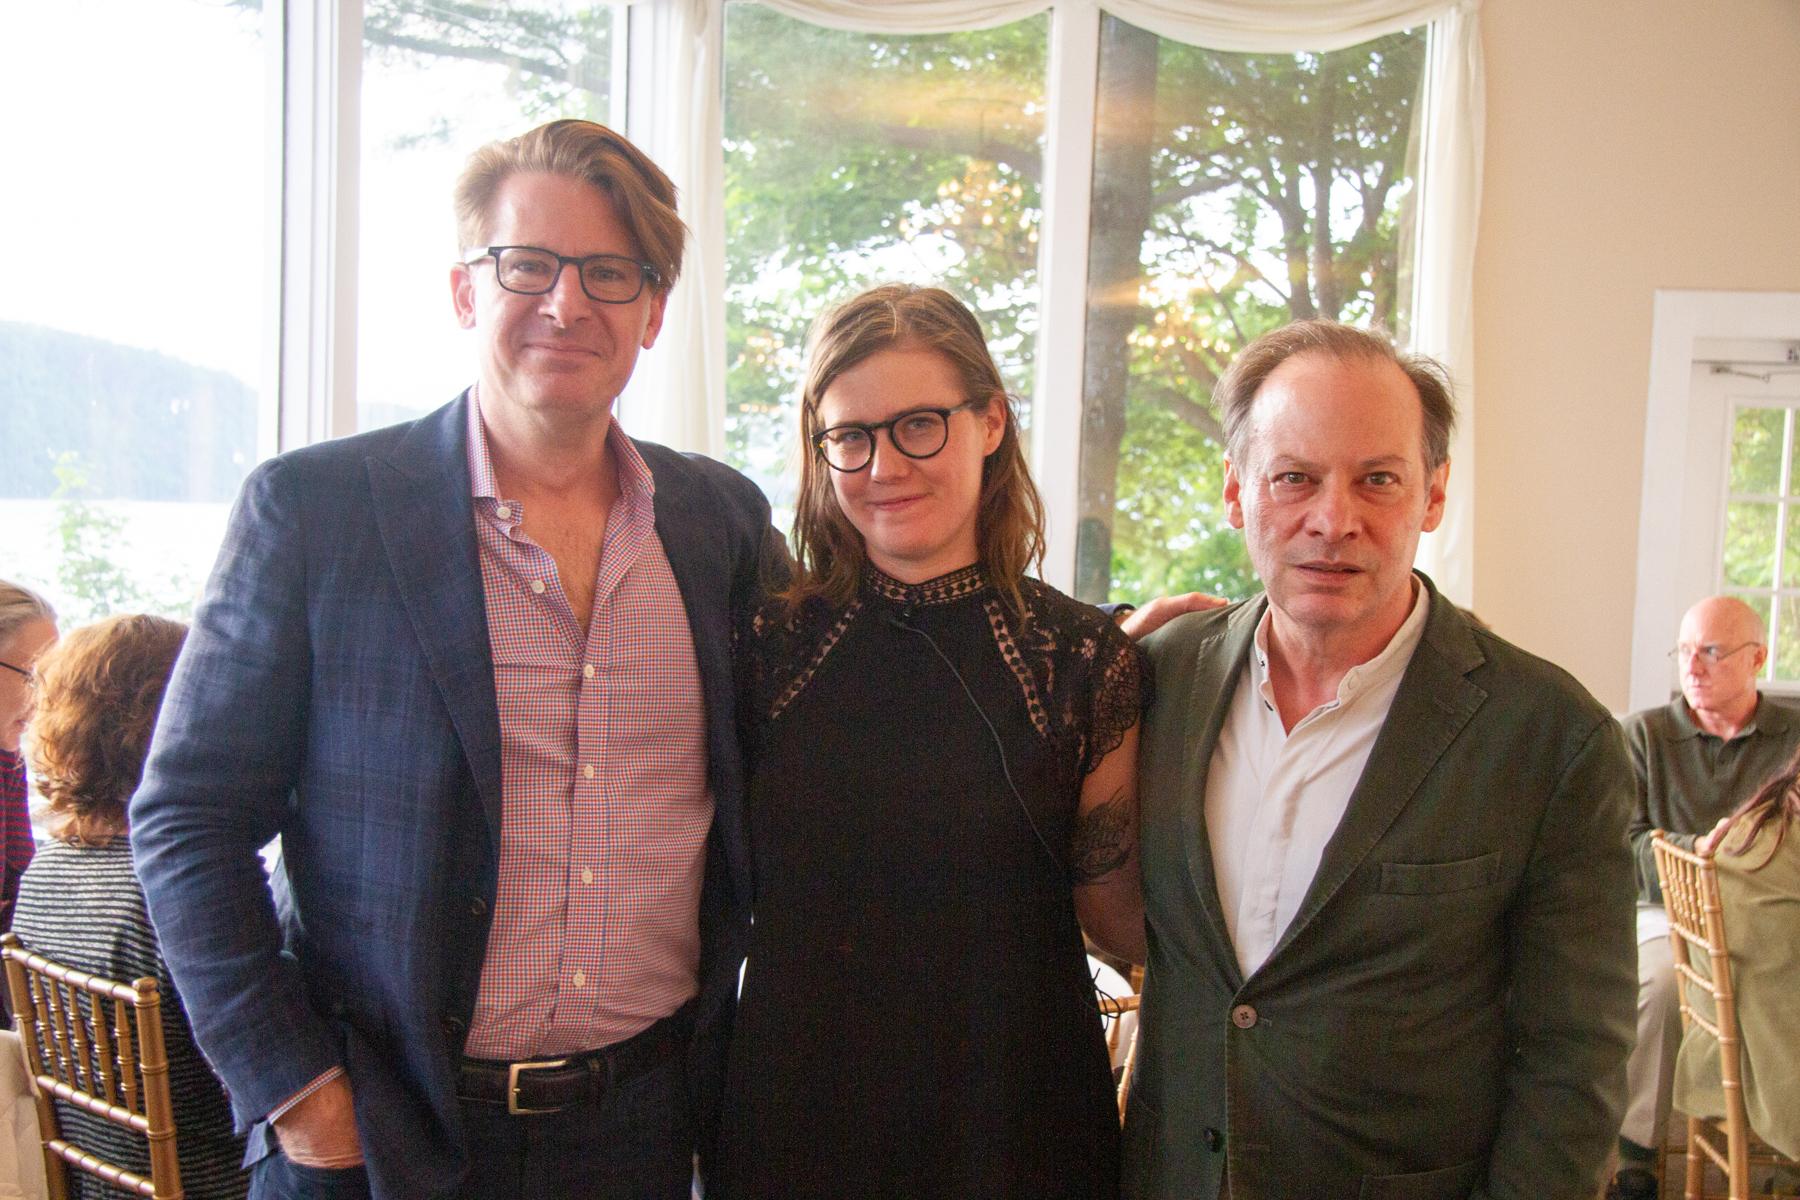 John Burnham Schwartz, Erin Lee Carr, & Adam Gopnik